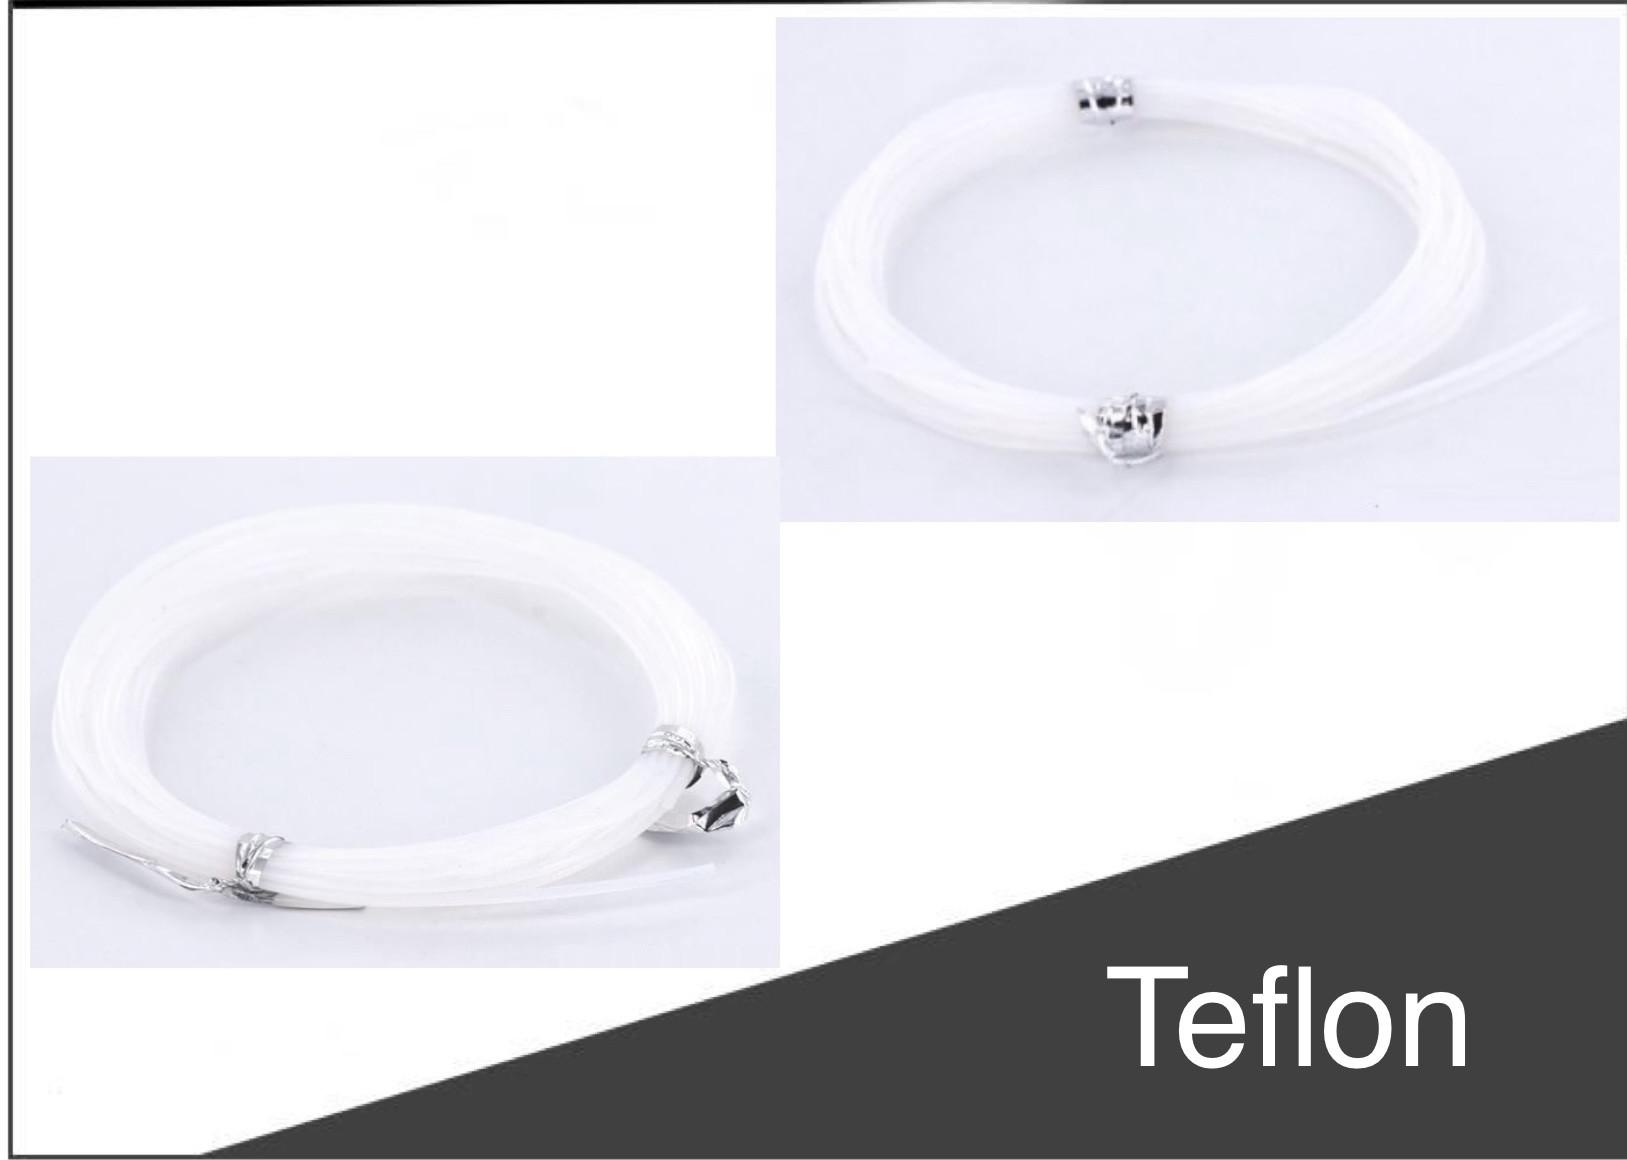 Teflon 1.2 - 1.6